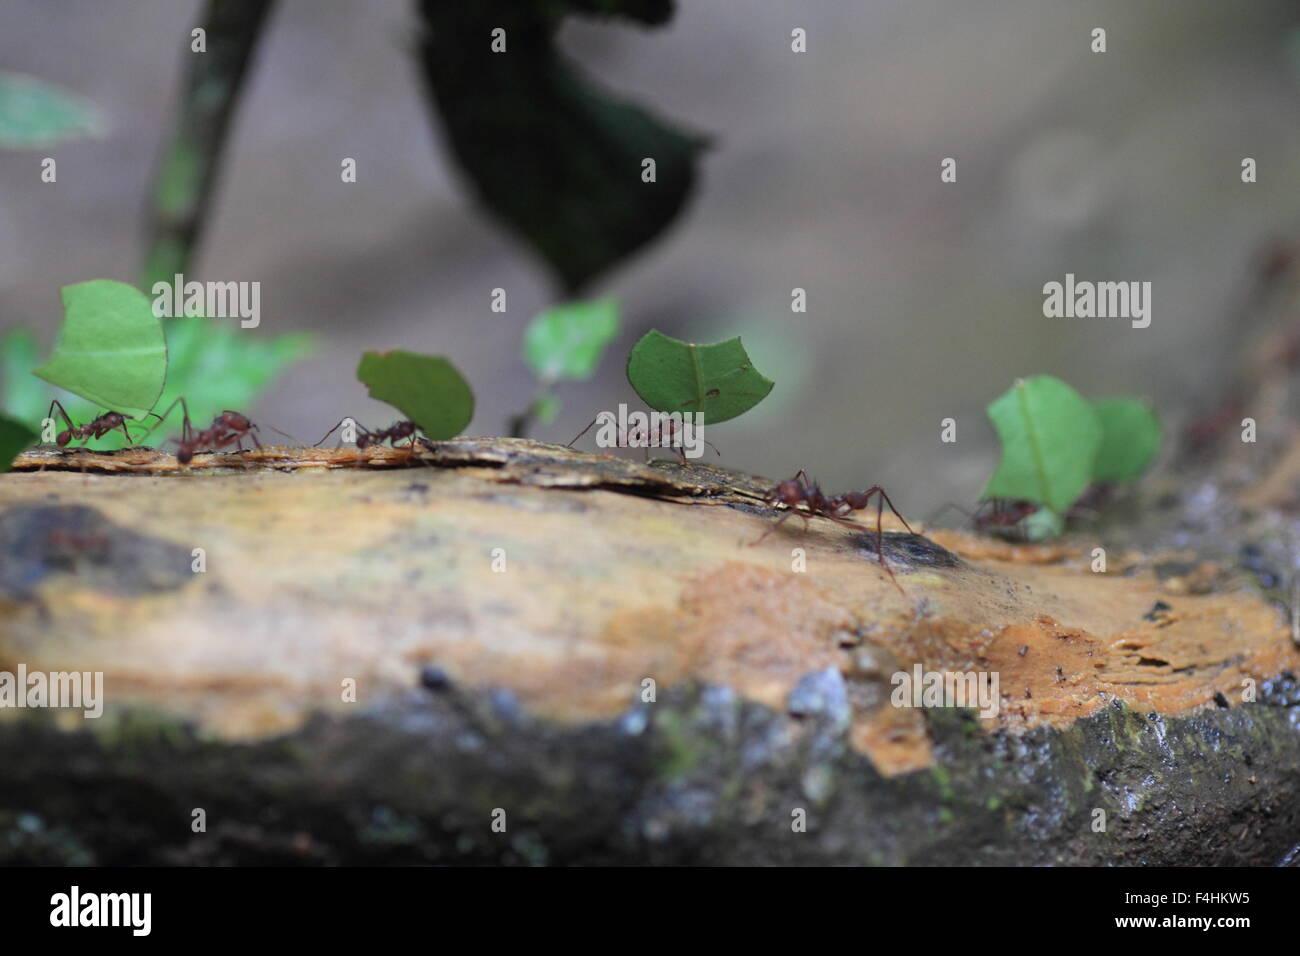 Leafcutter formiche (Atta sexdens). La vita selvatica animale. Immagini Stock